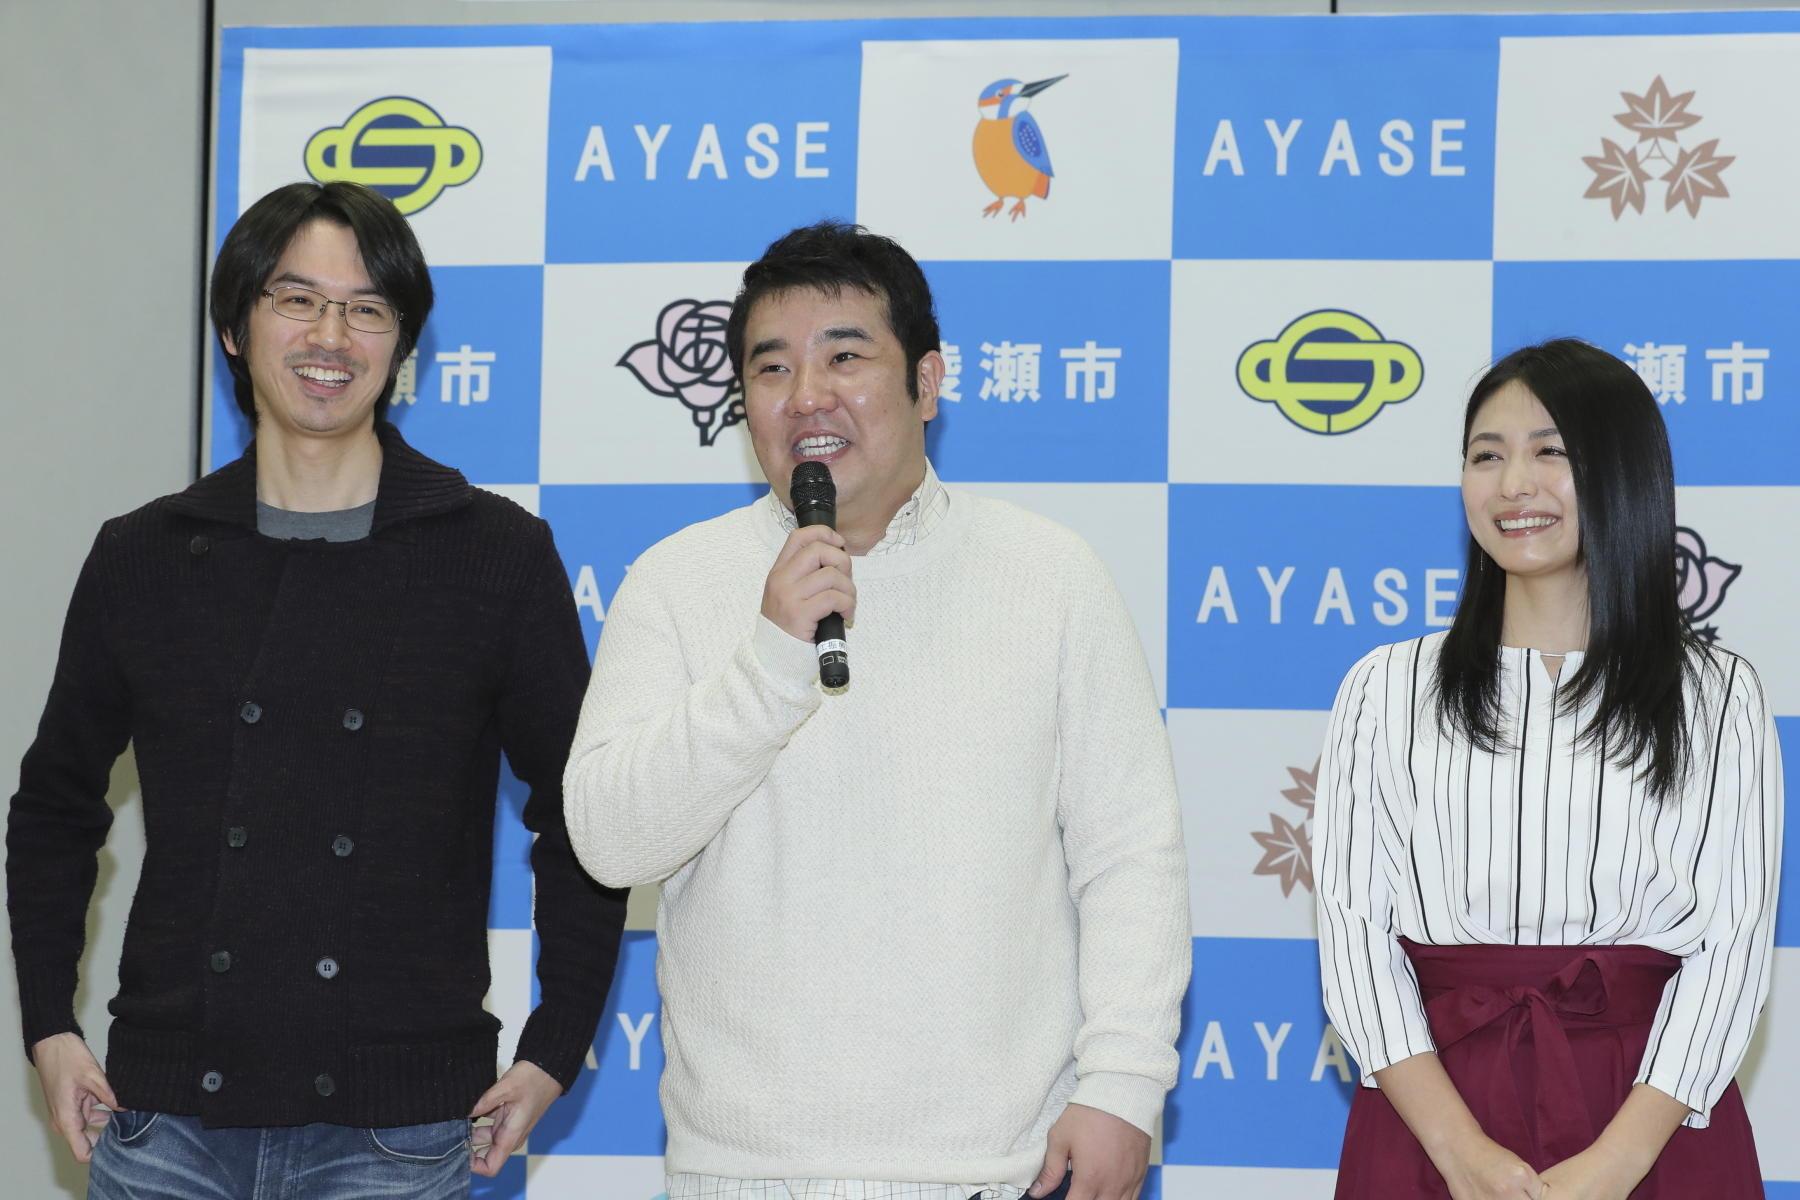 http://news.yoshimoto.co.jp/20190115224451-b1fecb79dd6c2722cfbc6296bf6fade82a4d960b.jpg